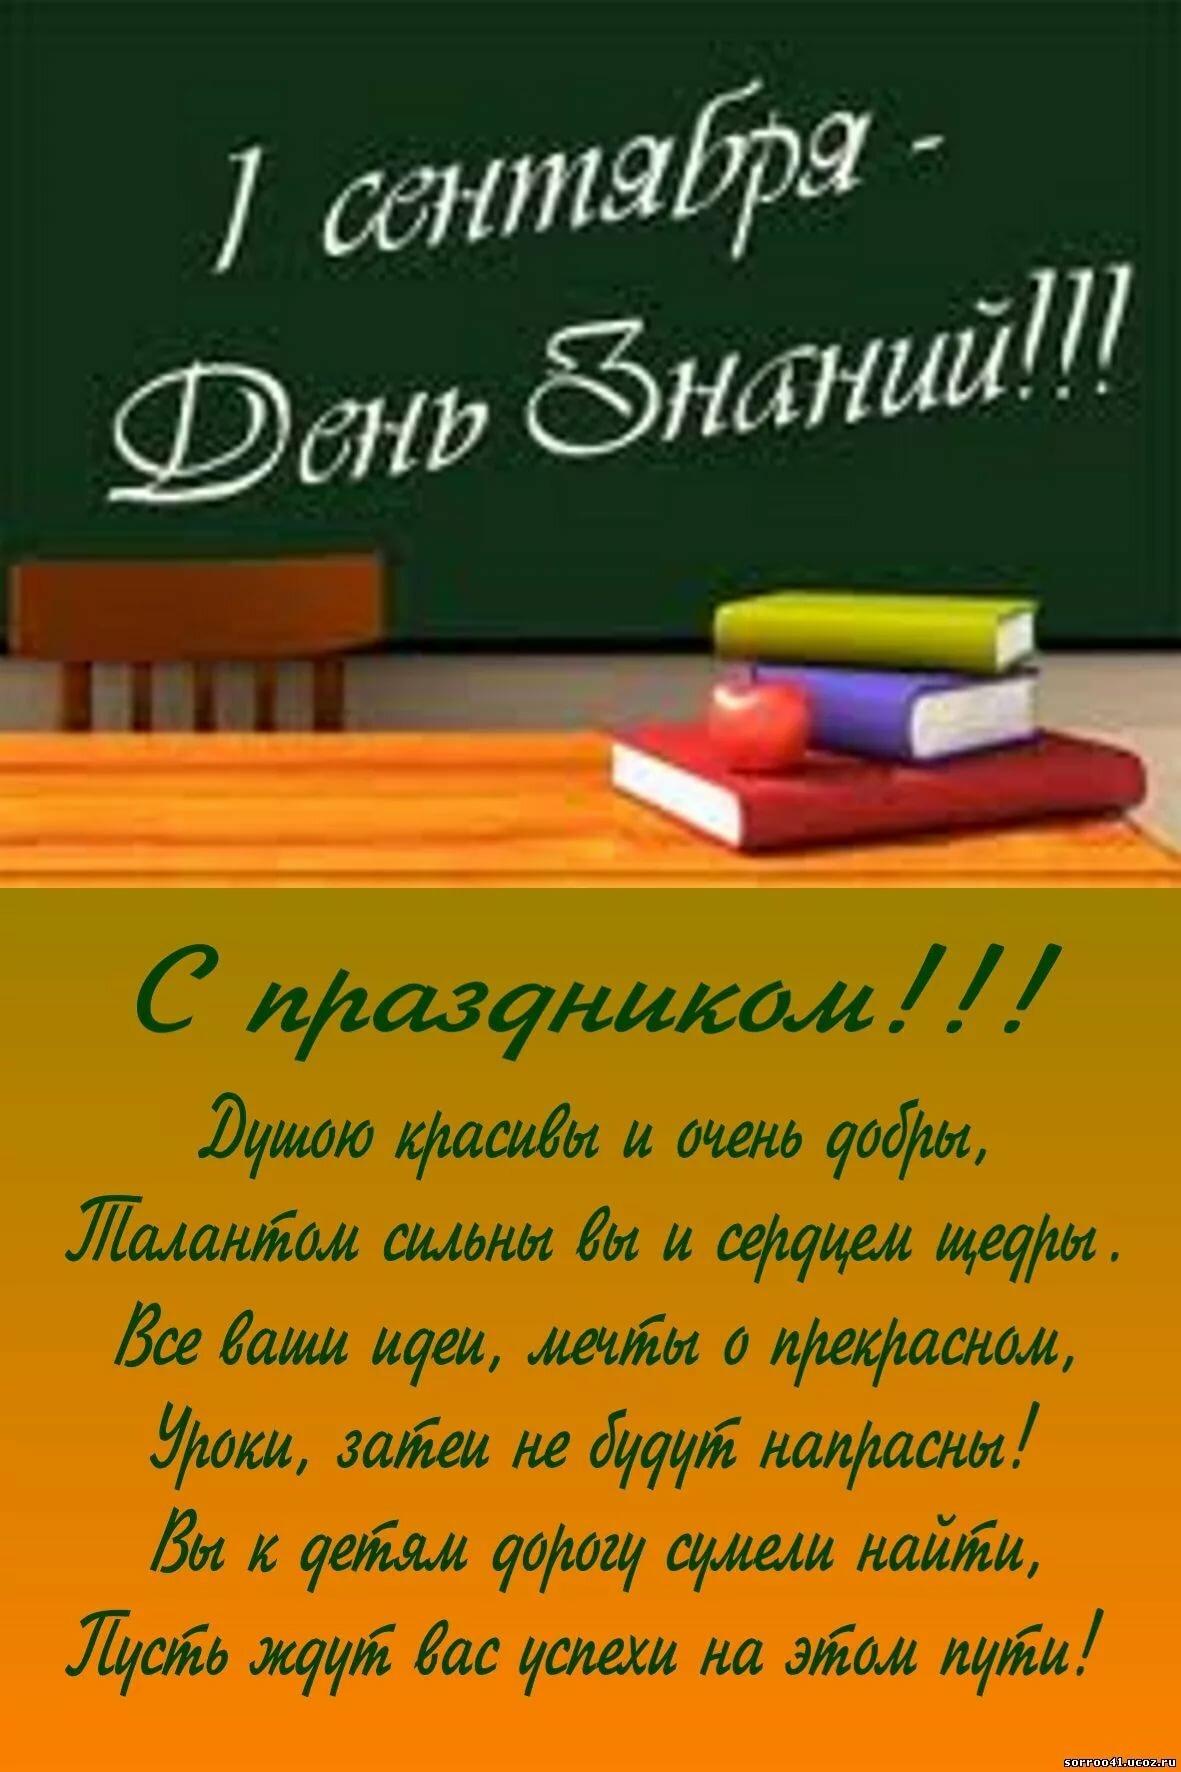 Картинки к 1 сентября учителю, открыток продажа открытки